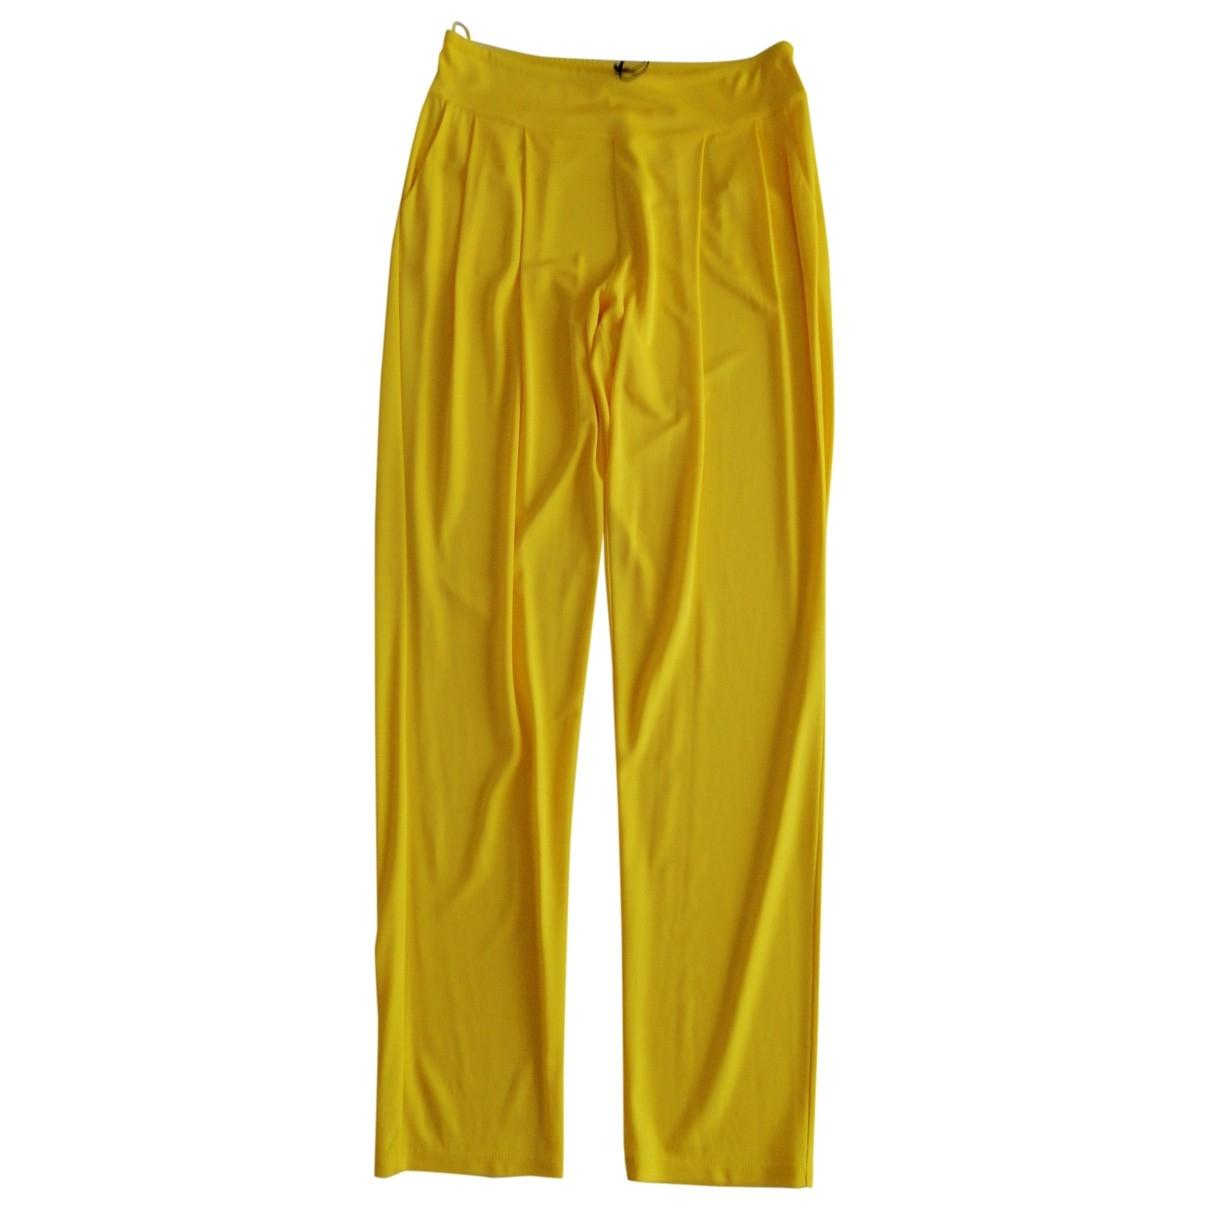 Balmain \N Yellow Trousers for Women 38 FR